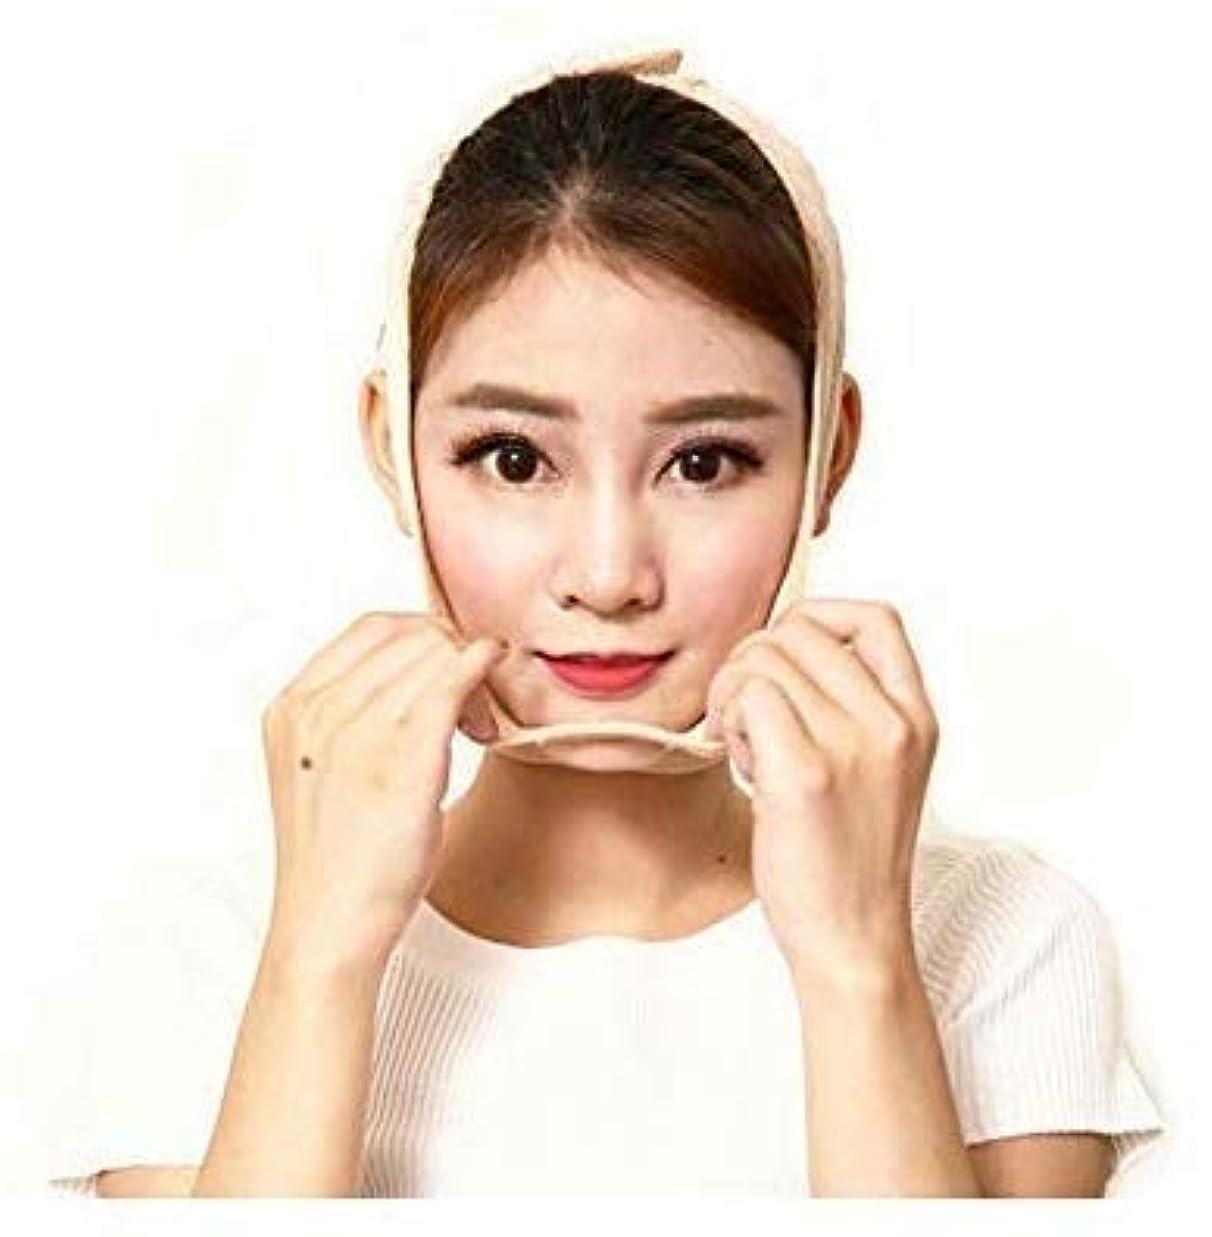 社説主張するパレード美容と実用的な引き締めマスク薄い顔アーティファクト包帯美容フードリフト引き締めマスクをダブルチンL小Vフェイスマッサージフェイスリフトフェイシャル